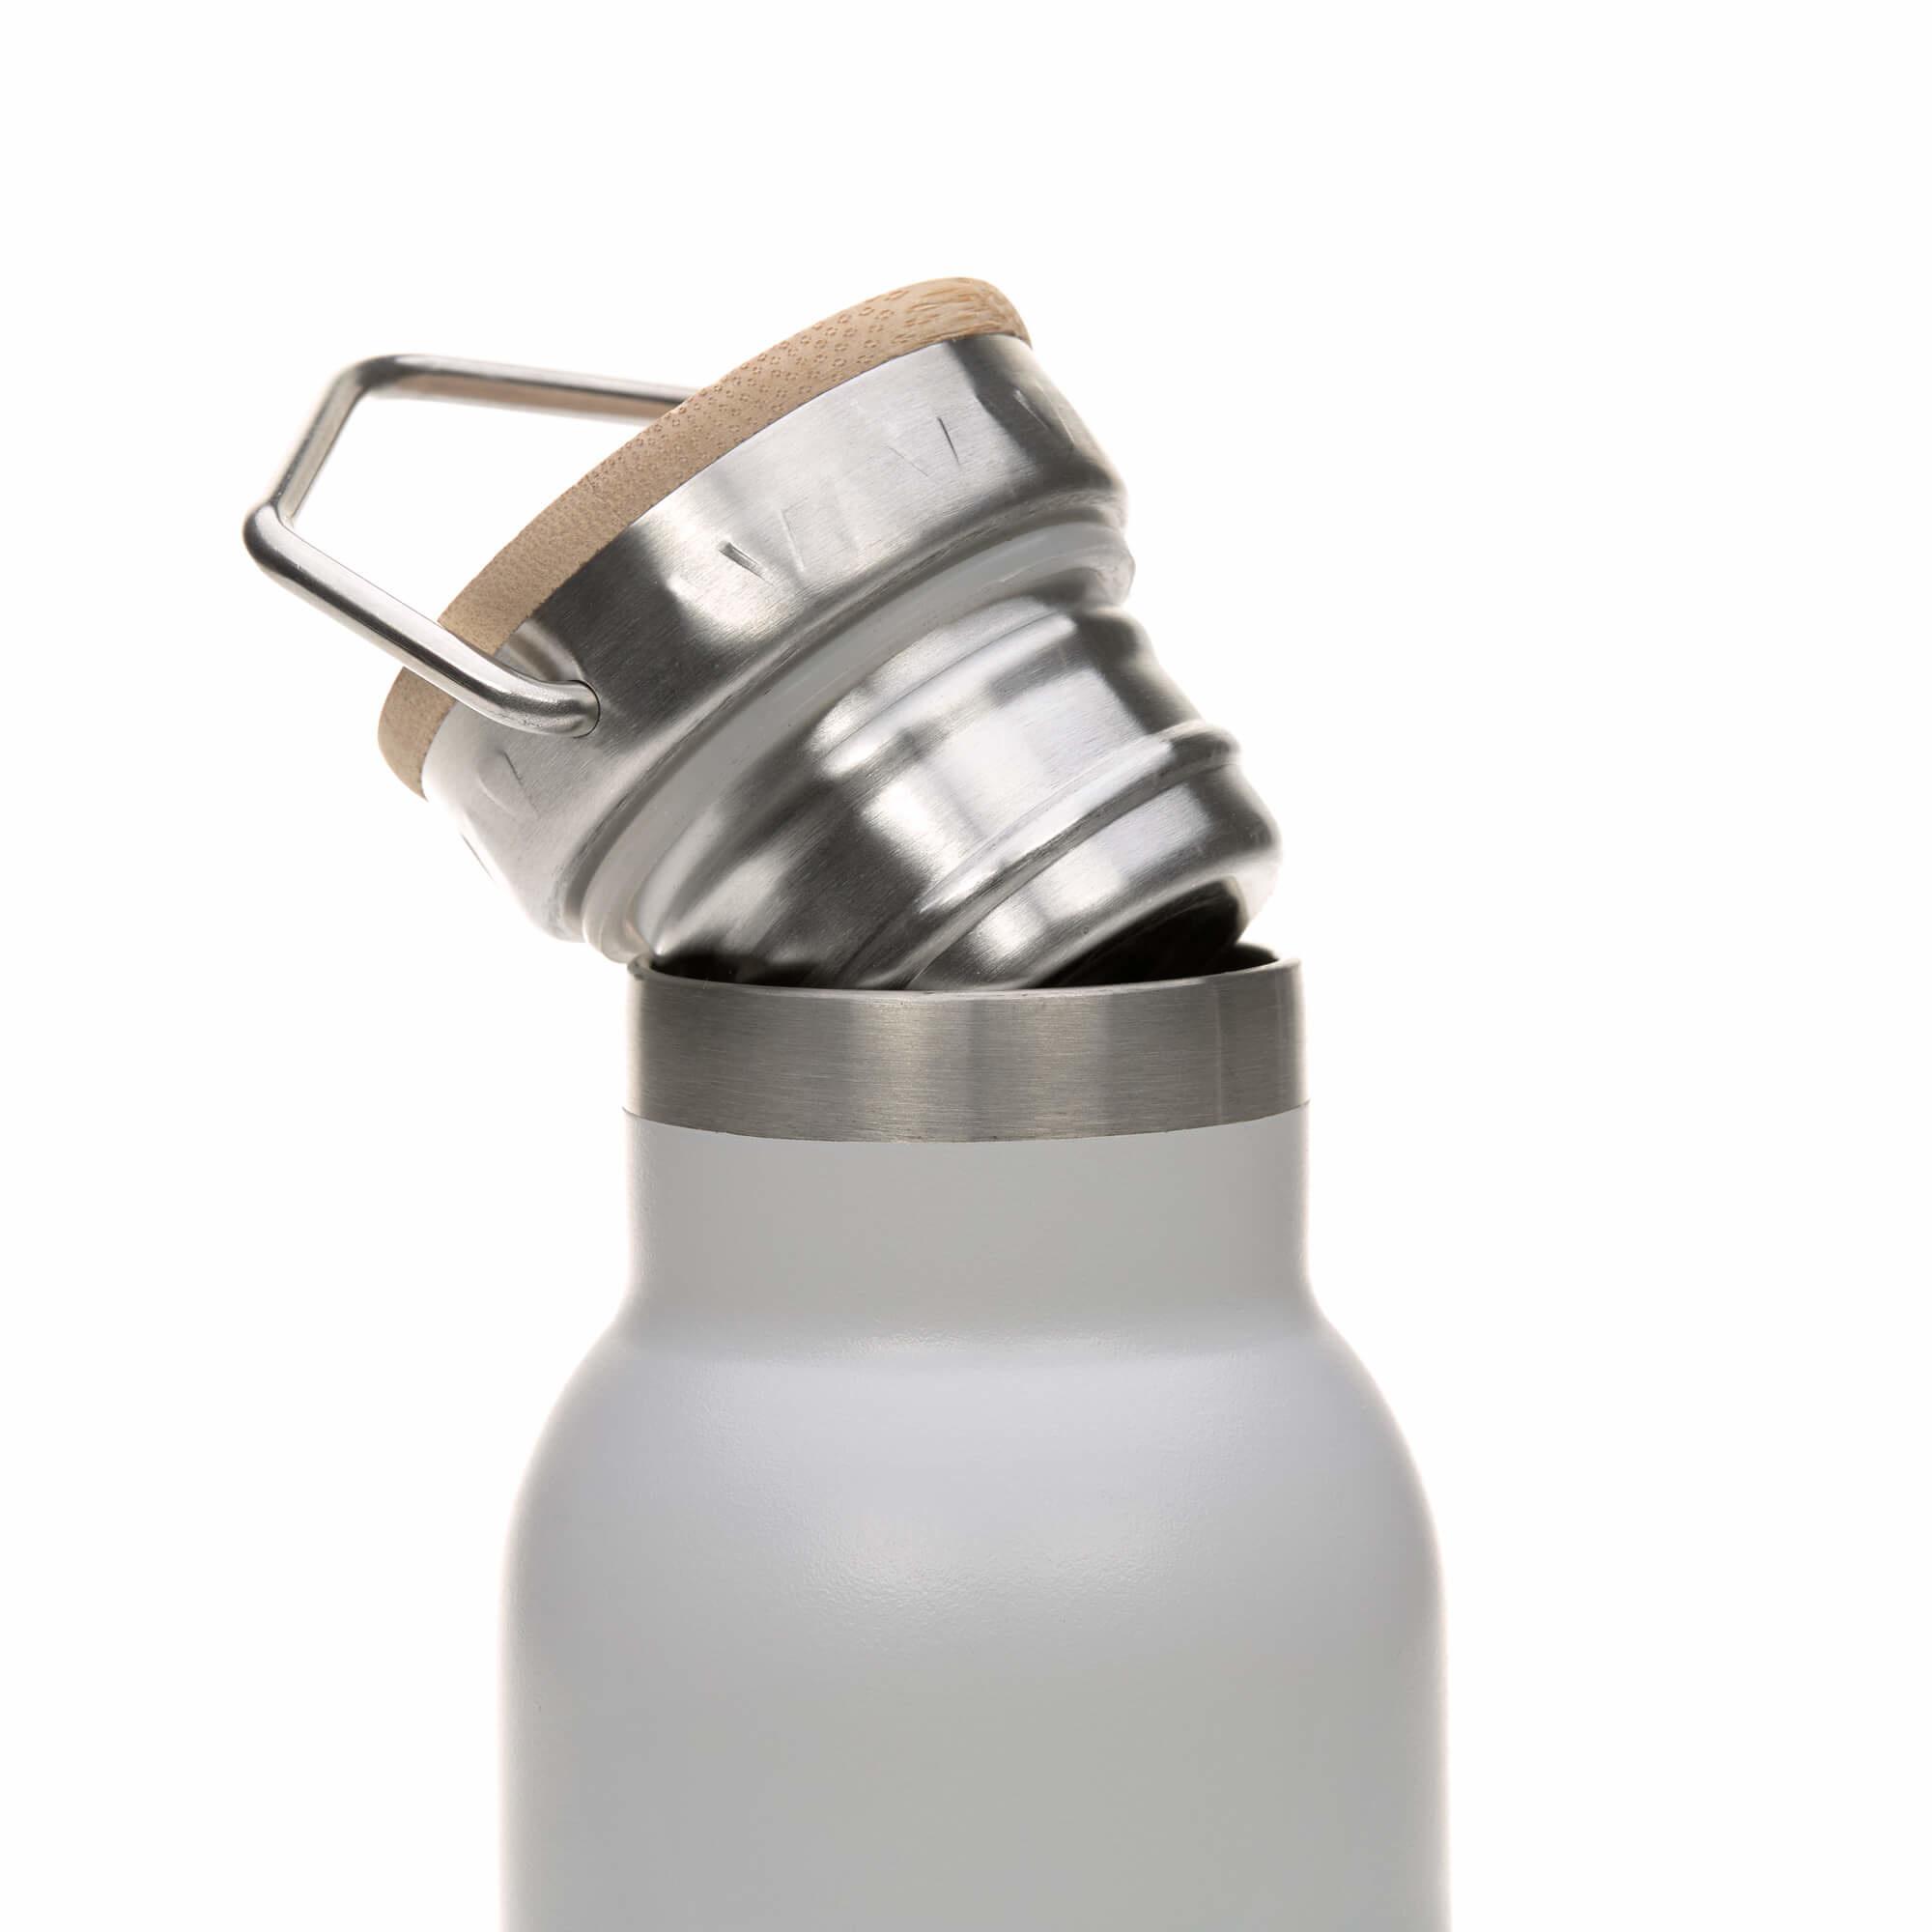 Lässig Lässig isolierte Edelstahlflasche für Kinder Adventure grey 460ml